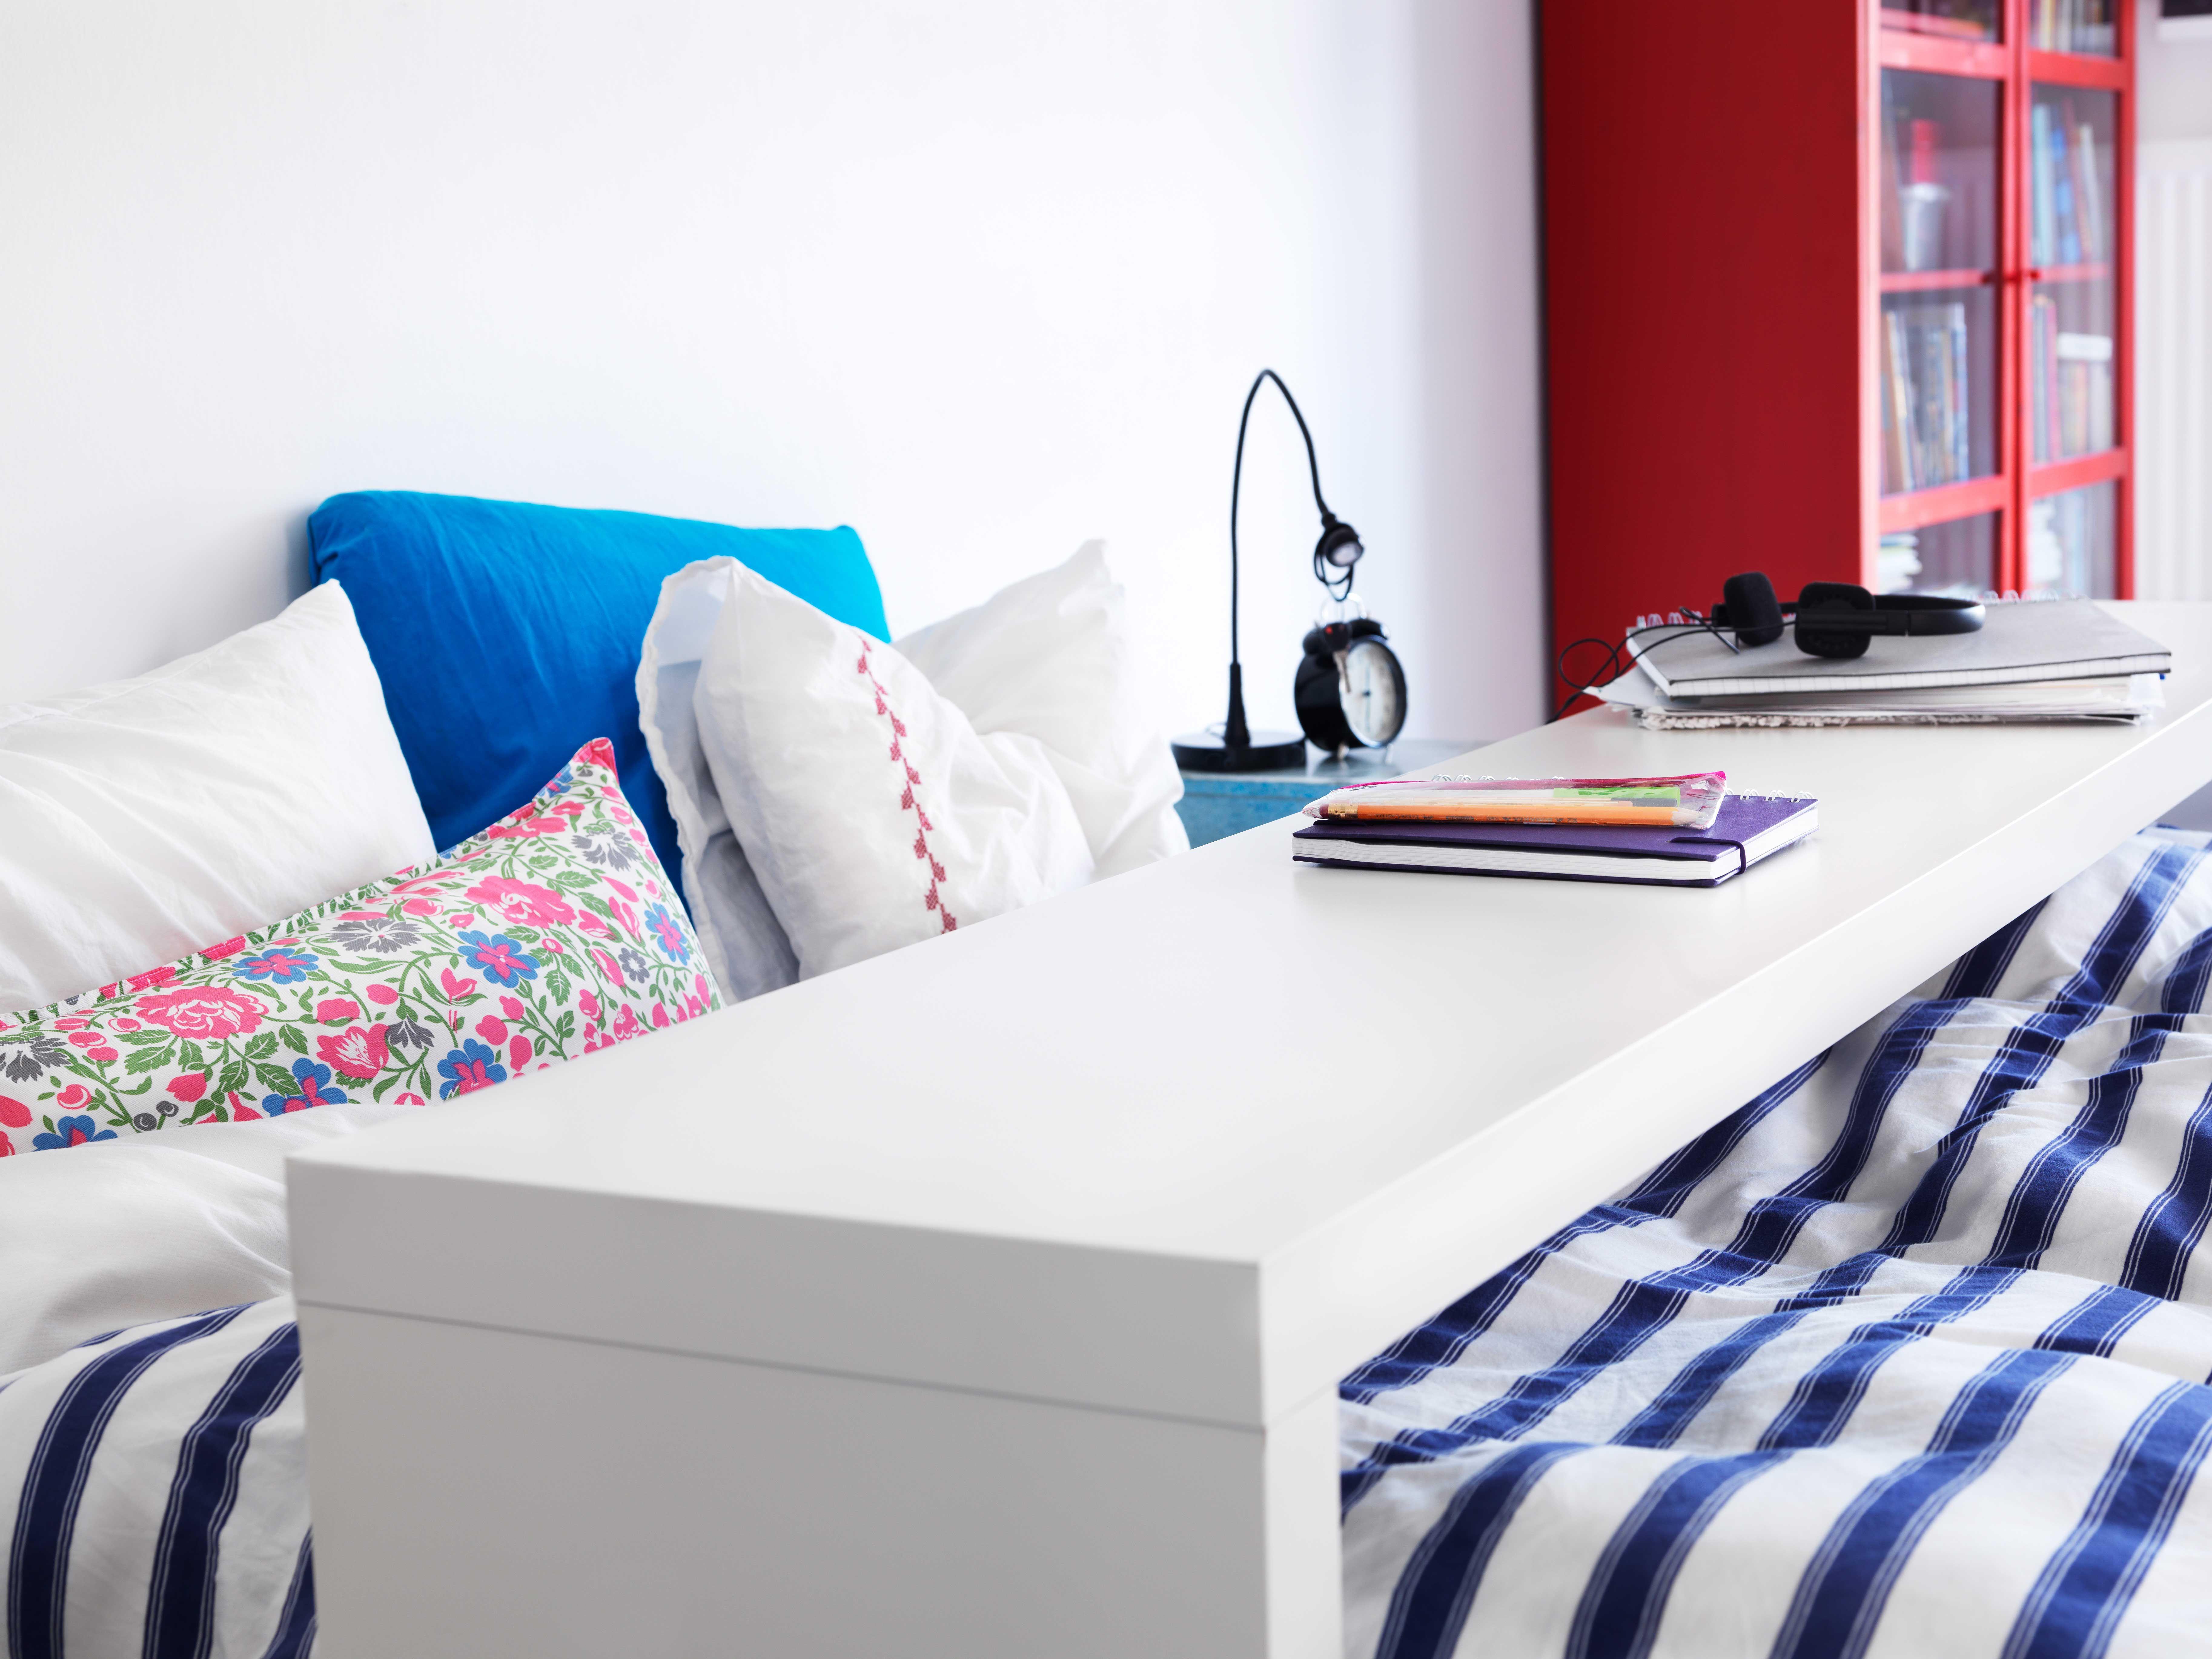 superb schlafzimmer malm ablagetisch #1: IKEA Österreich, Inspiration, Schlafzimmer, Streifen, Bett, Ablagetisch MALM